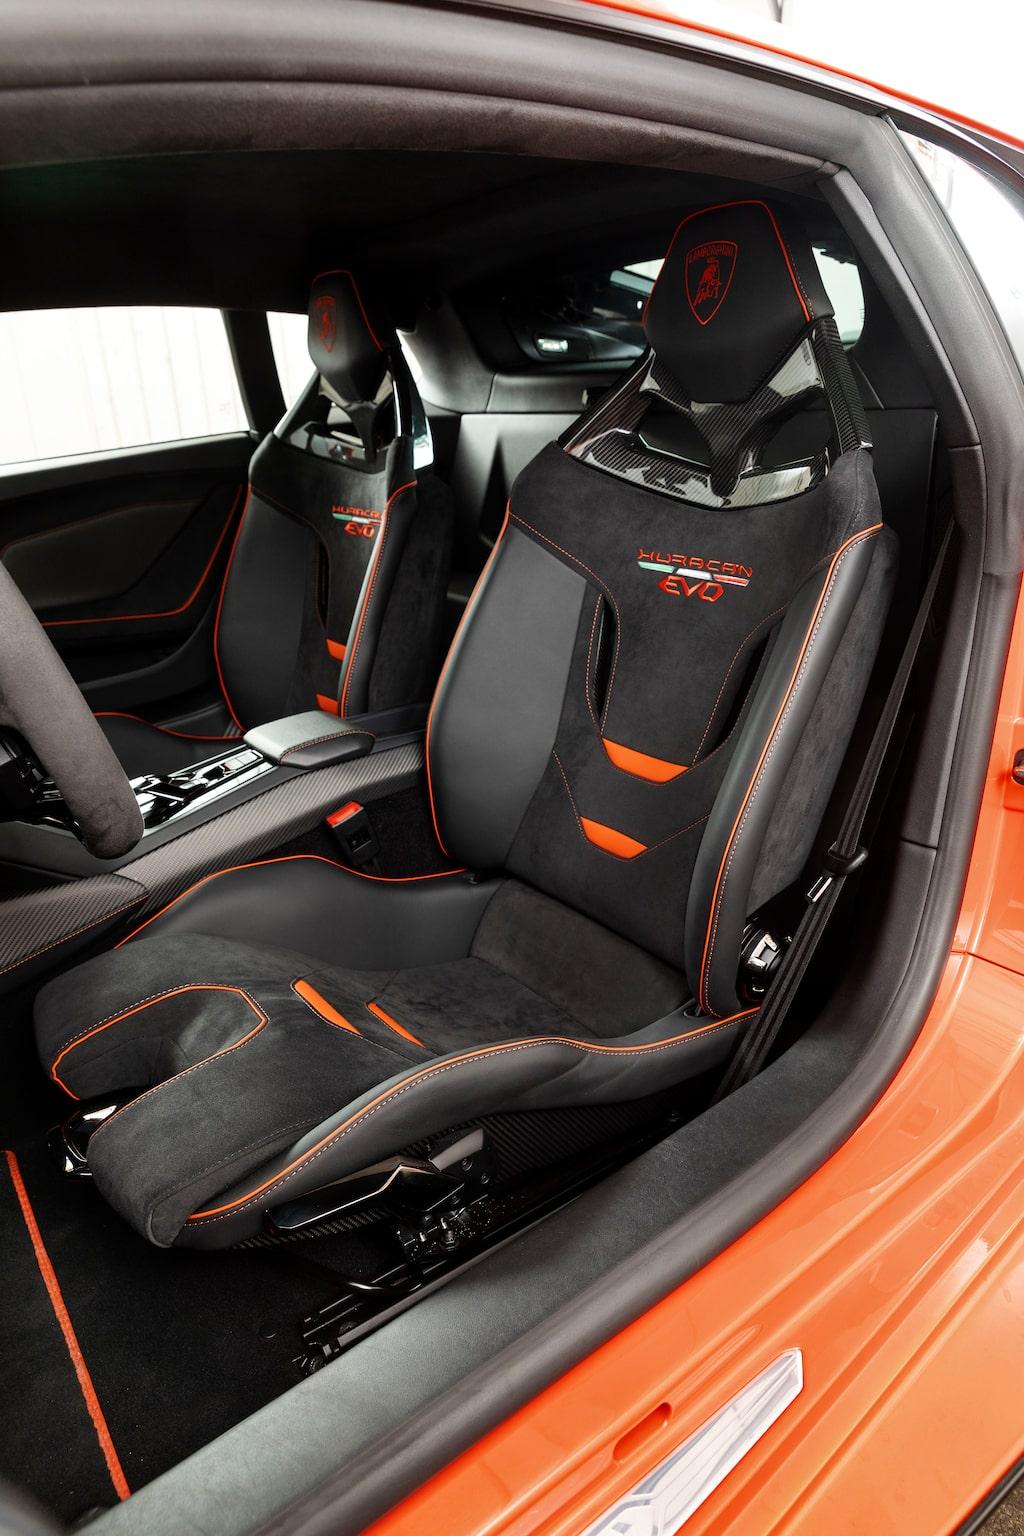 Fin körställning, givetvis, men cockpiten ger inträngd känsla för den orutinerade förararen.